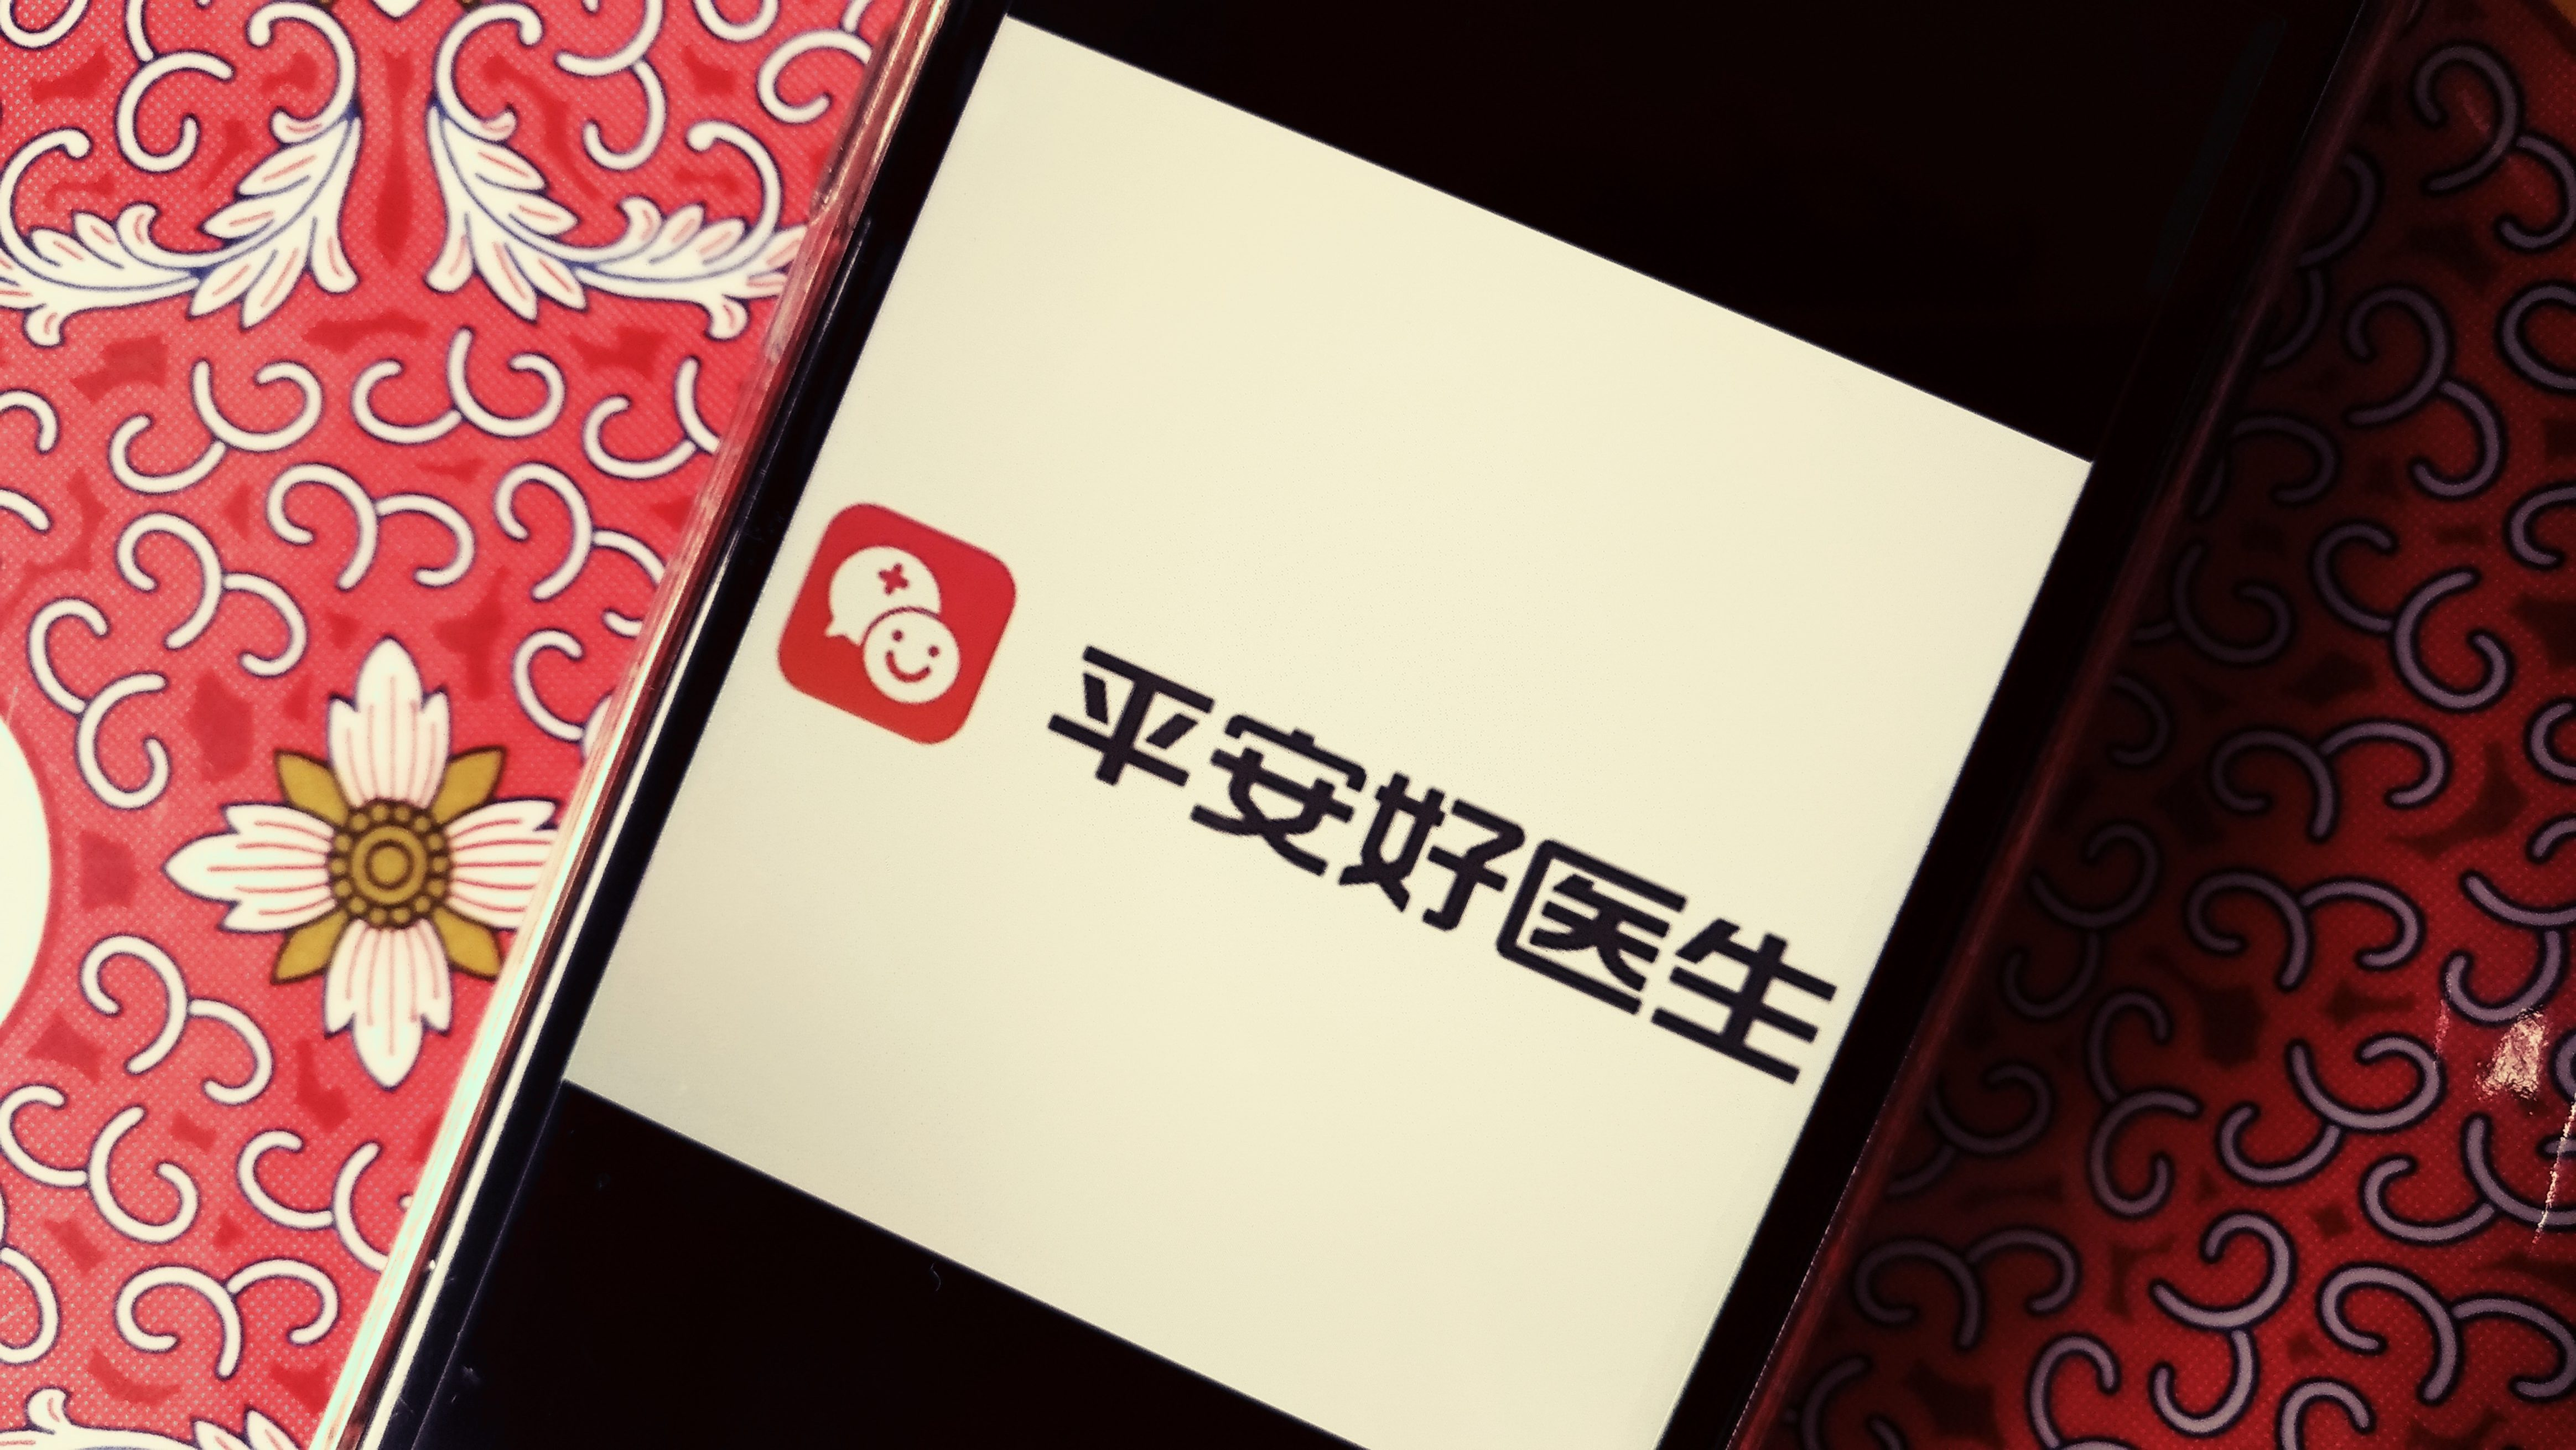 平安好医生のロゴ(イメージ写真)